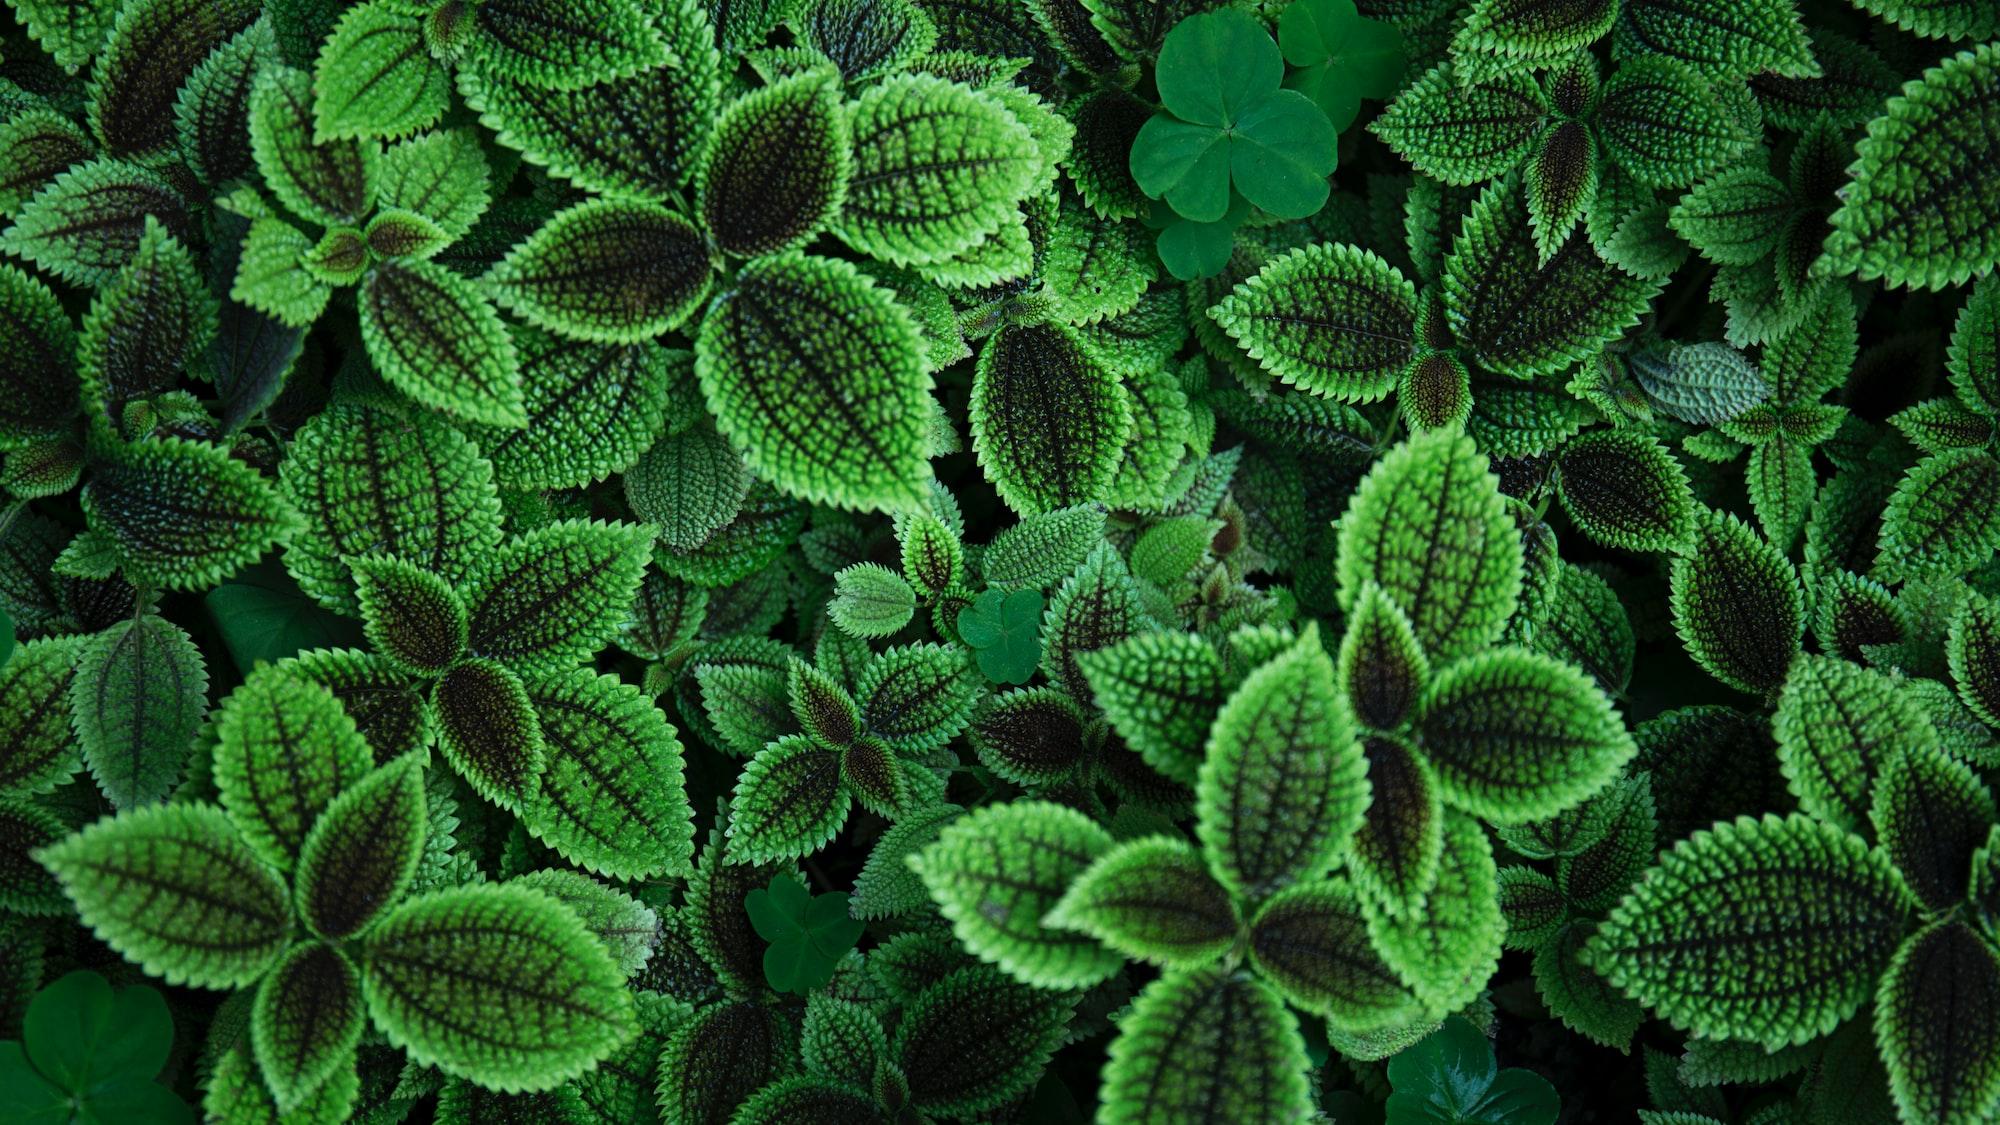 ルーサー・バーバンク植物の魔術師